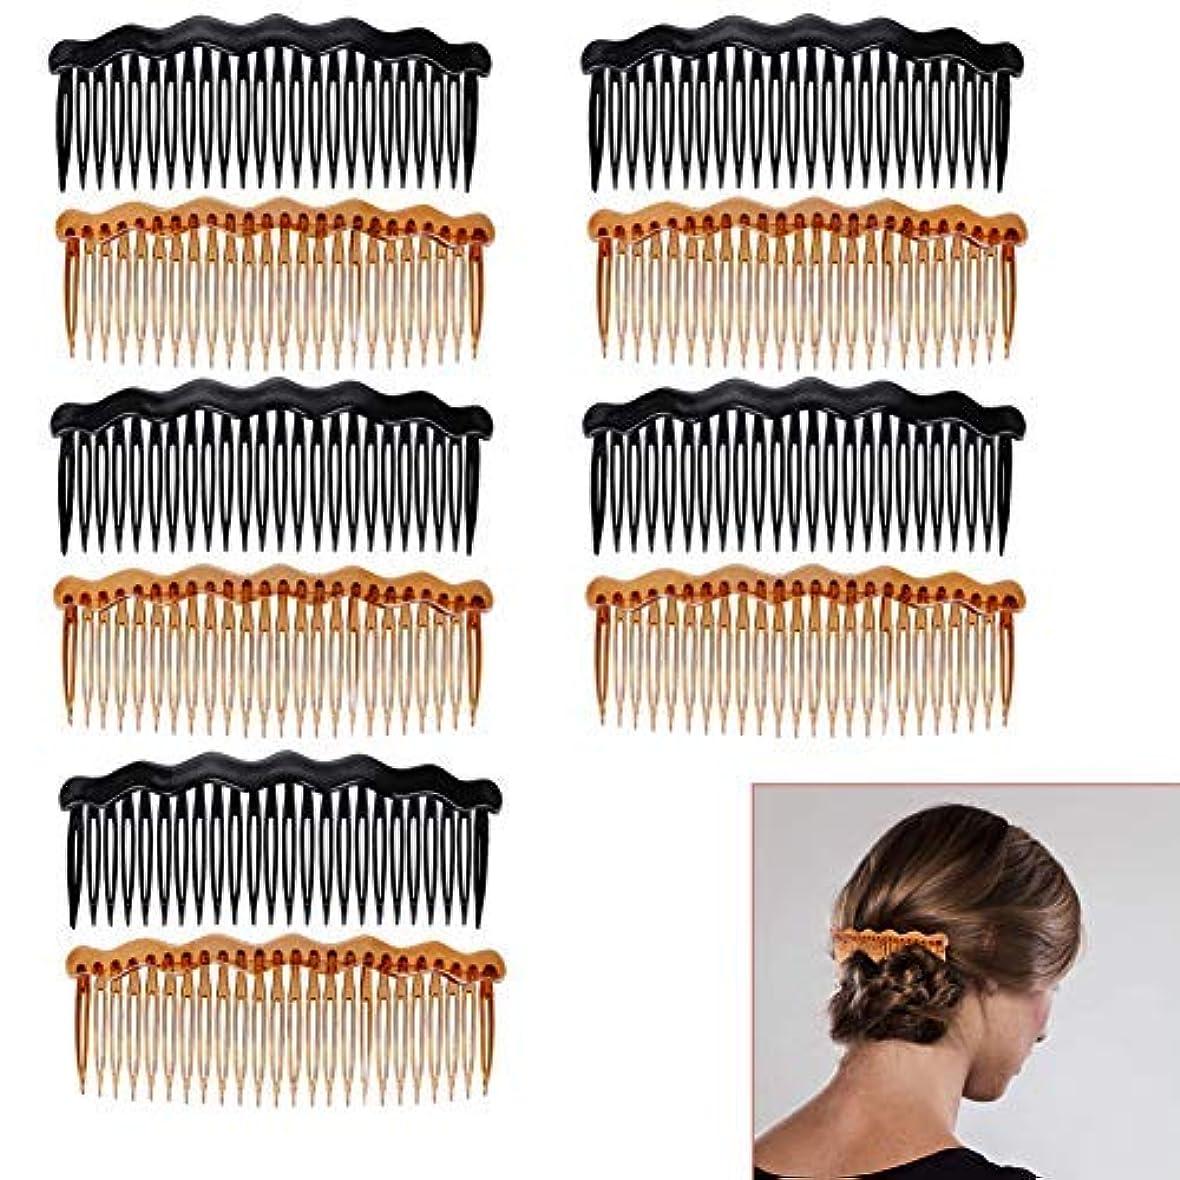 発行する滴下まともなLuckycivia 10Pcs Plastic French Twist Comb, Side Hair Combs with 24 Teeth Hair Comb for Fine Hair,Hair Combs Accessories...